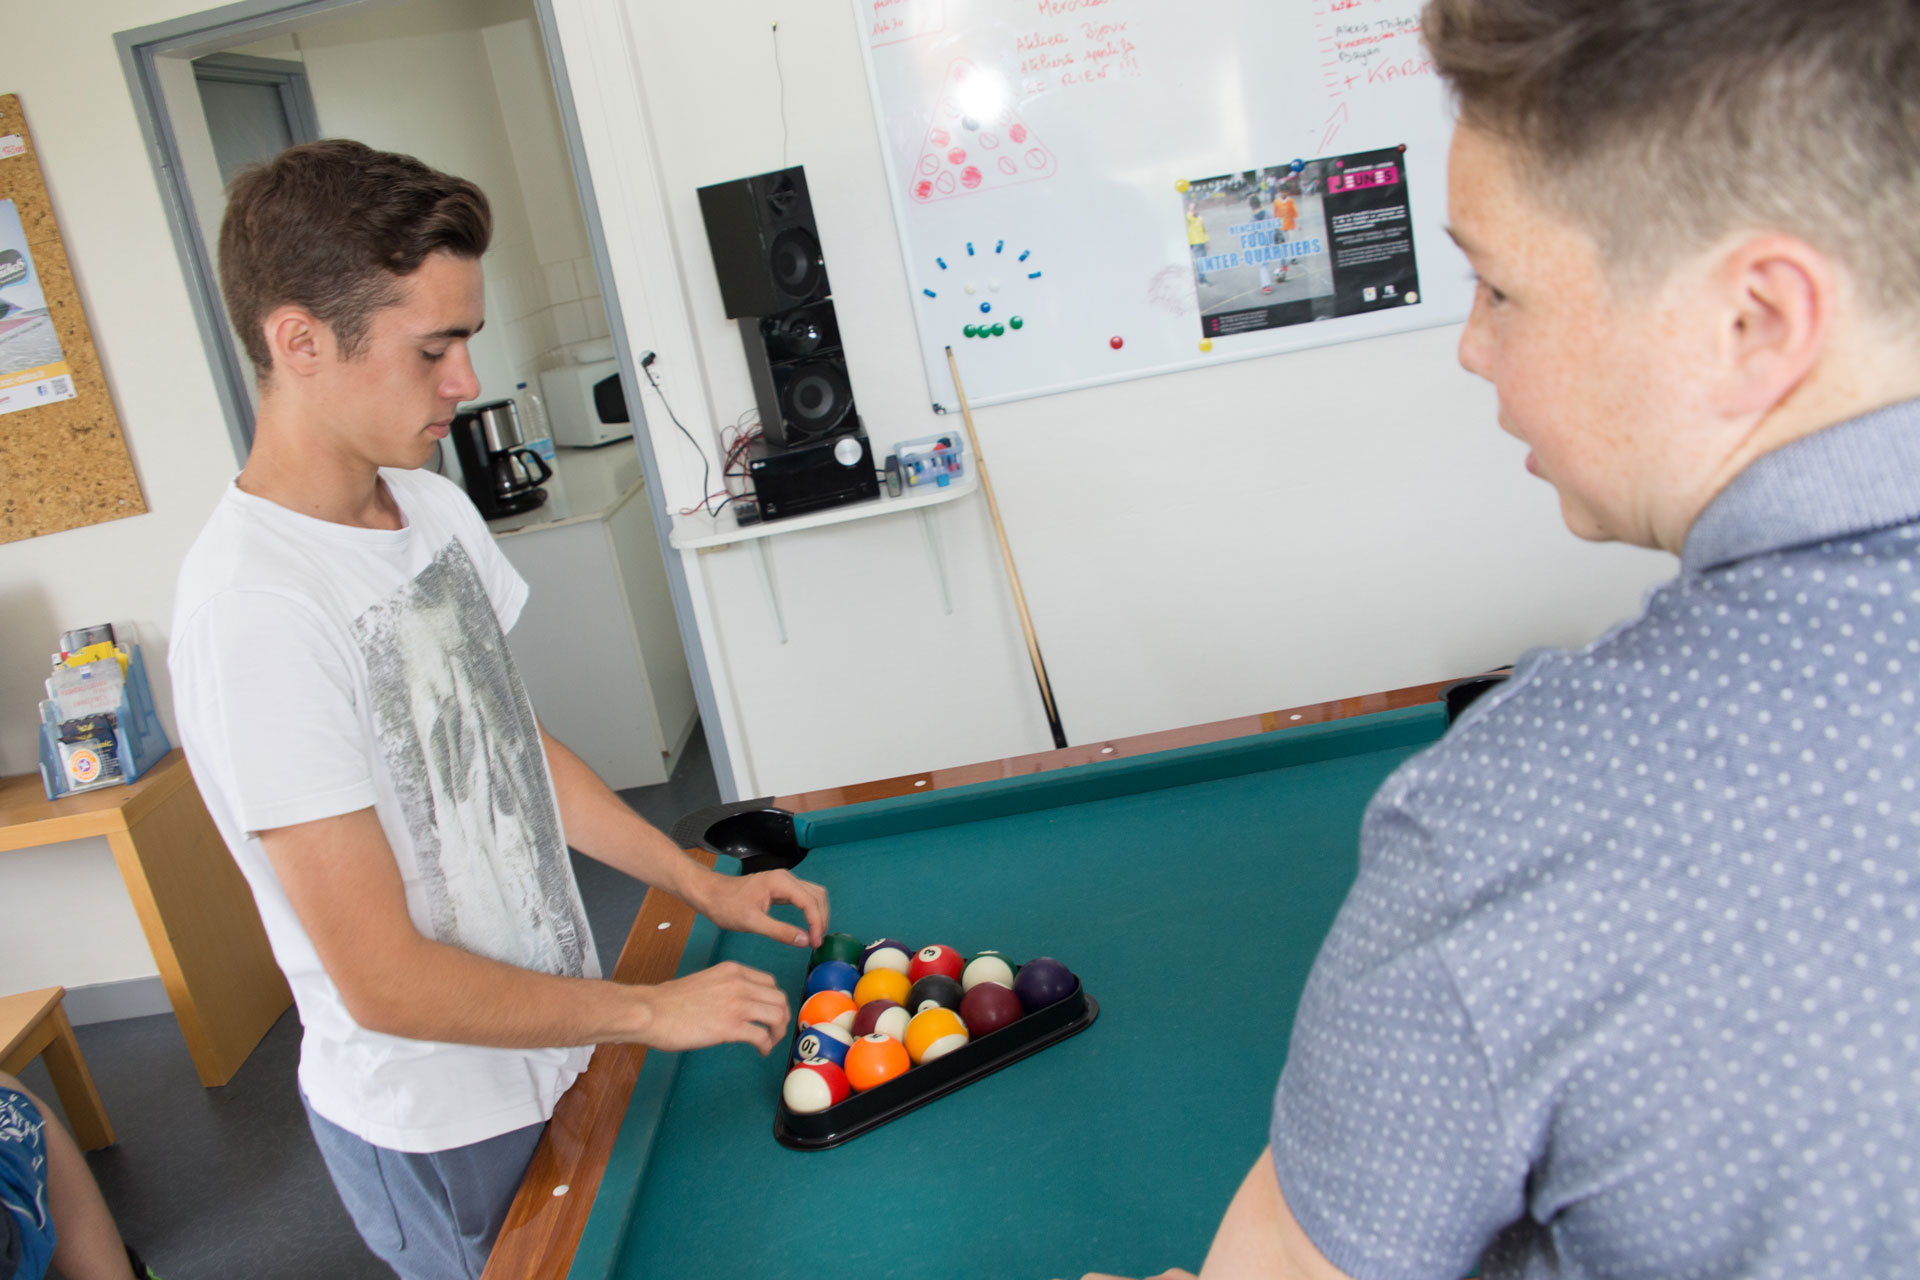 Espace jeunes ville de rochefort - Espace cuisine rochefort ...